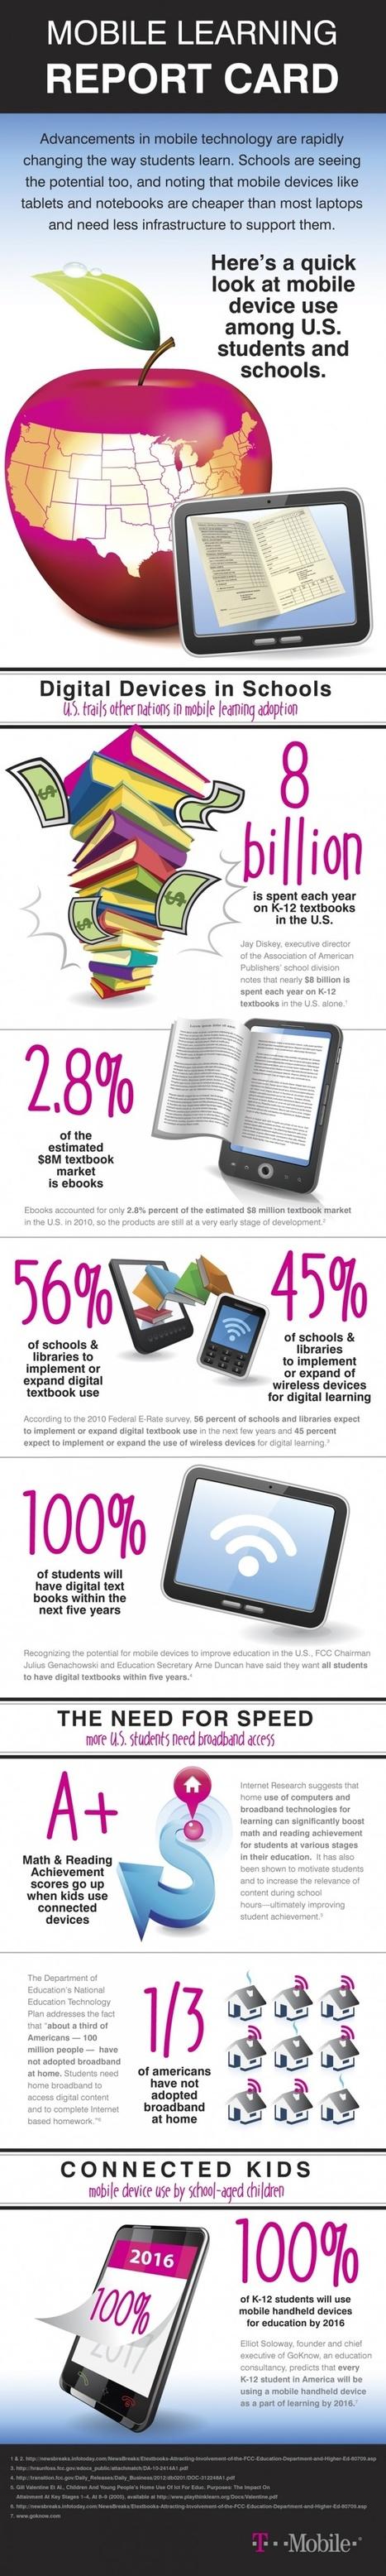 Like-learning: Mobile Learning Report card | Noticias, Recursos y Contenidos sobre Aprendizaje | Scoop.it